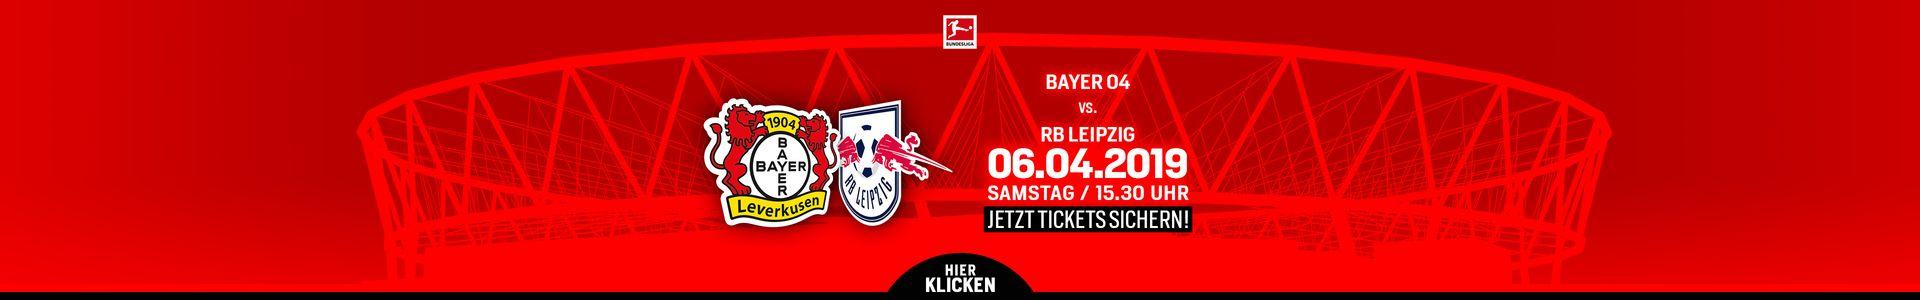 Bayer 04 Leverkusen Fussball Gmbh Bayer04de